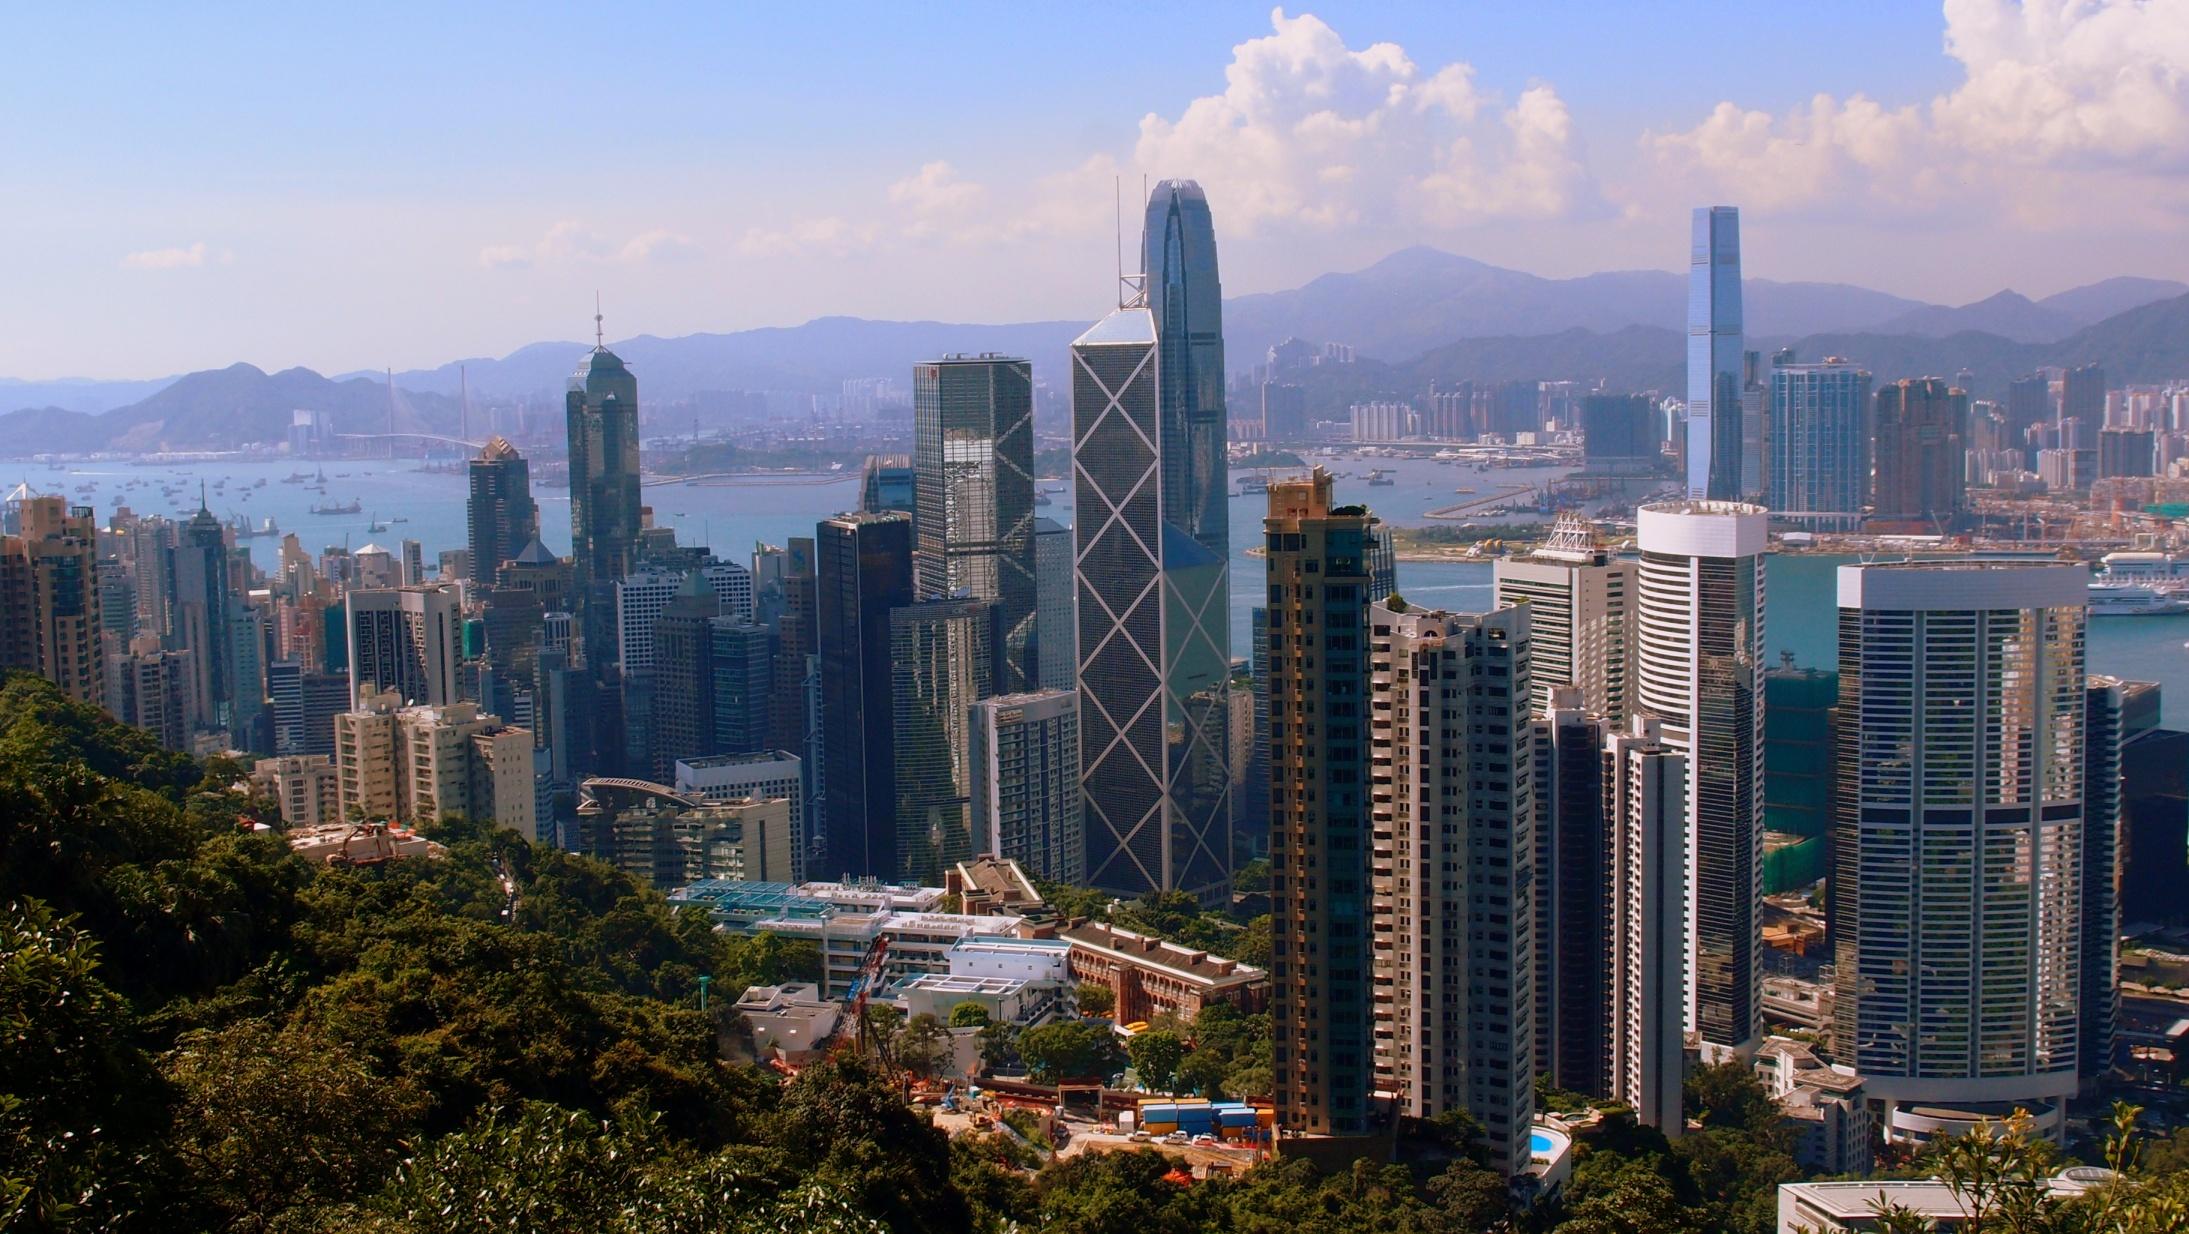 Stubbs Road Hong Kong